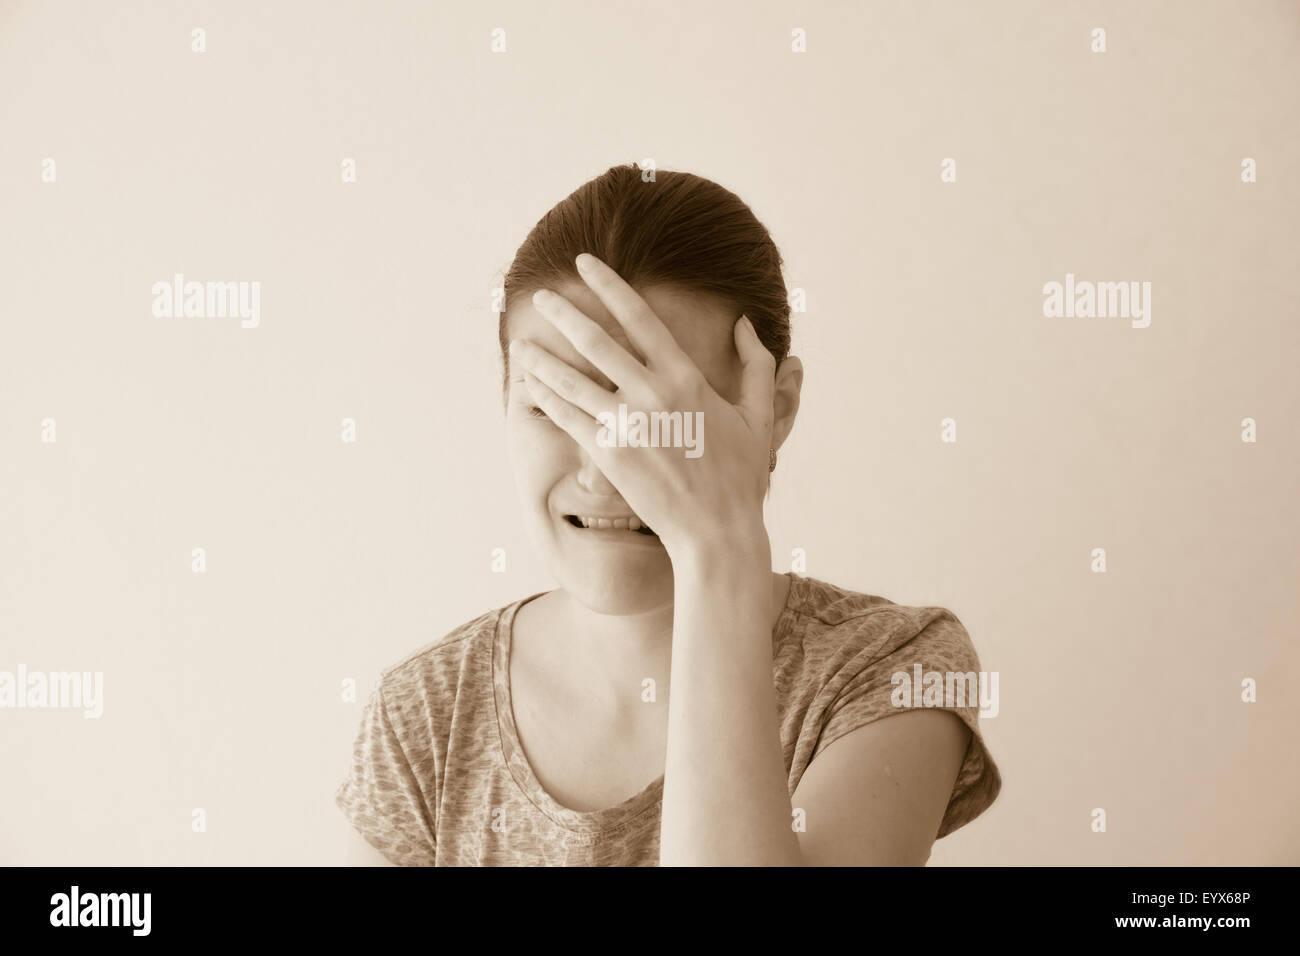 Pleurer déprimé triste abus jeune femme, portrait dramatique Photo Stock